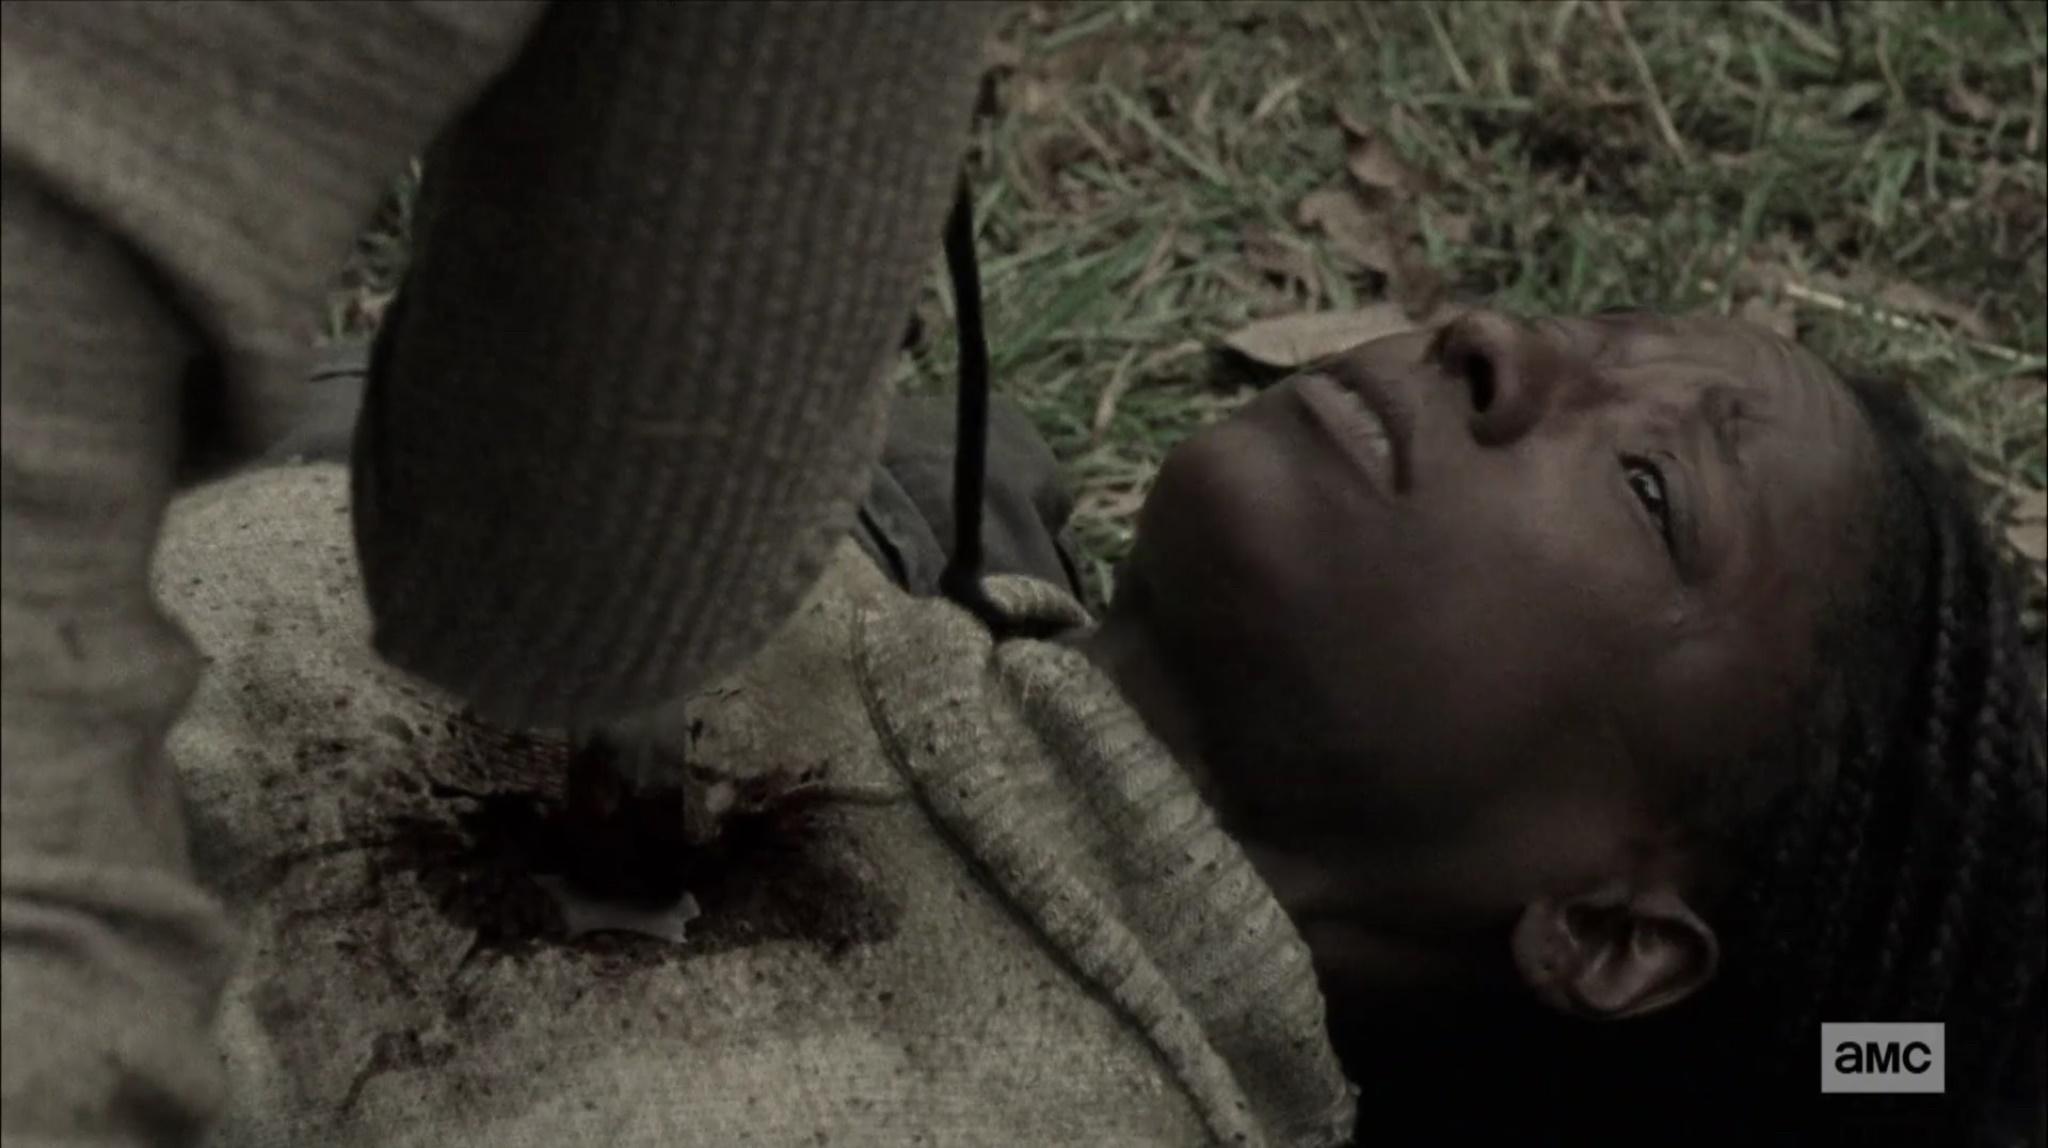 Jocelyn killed